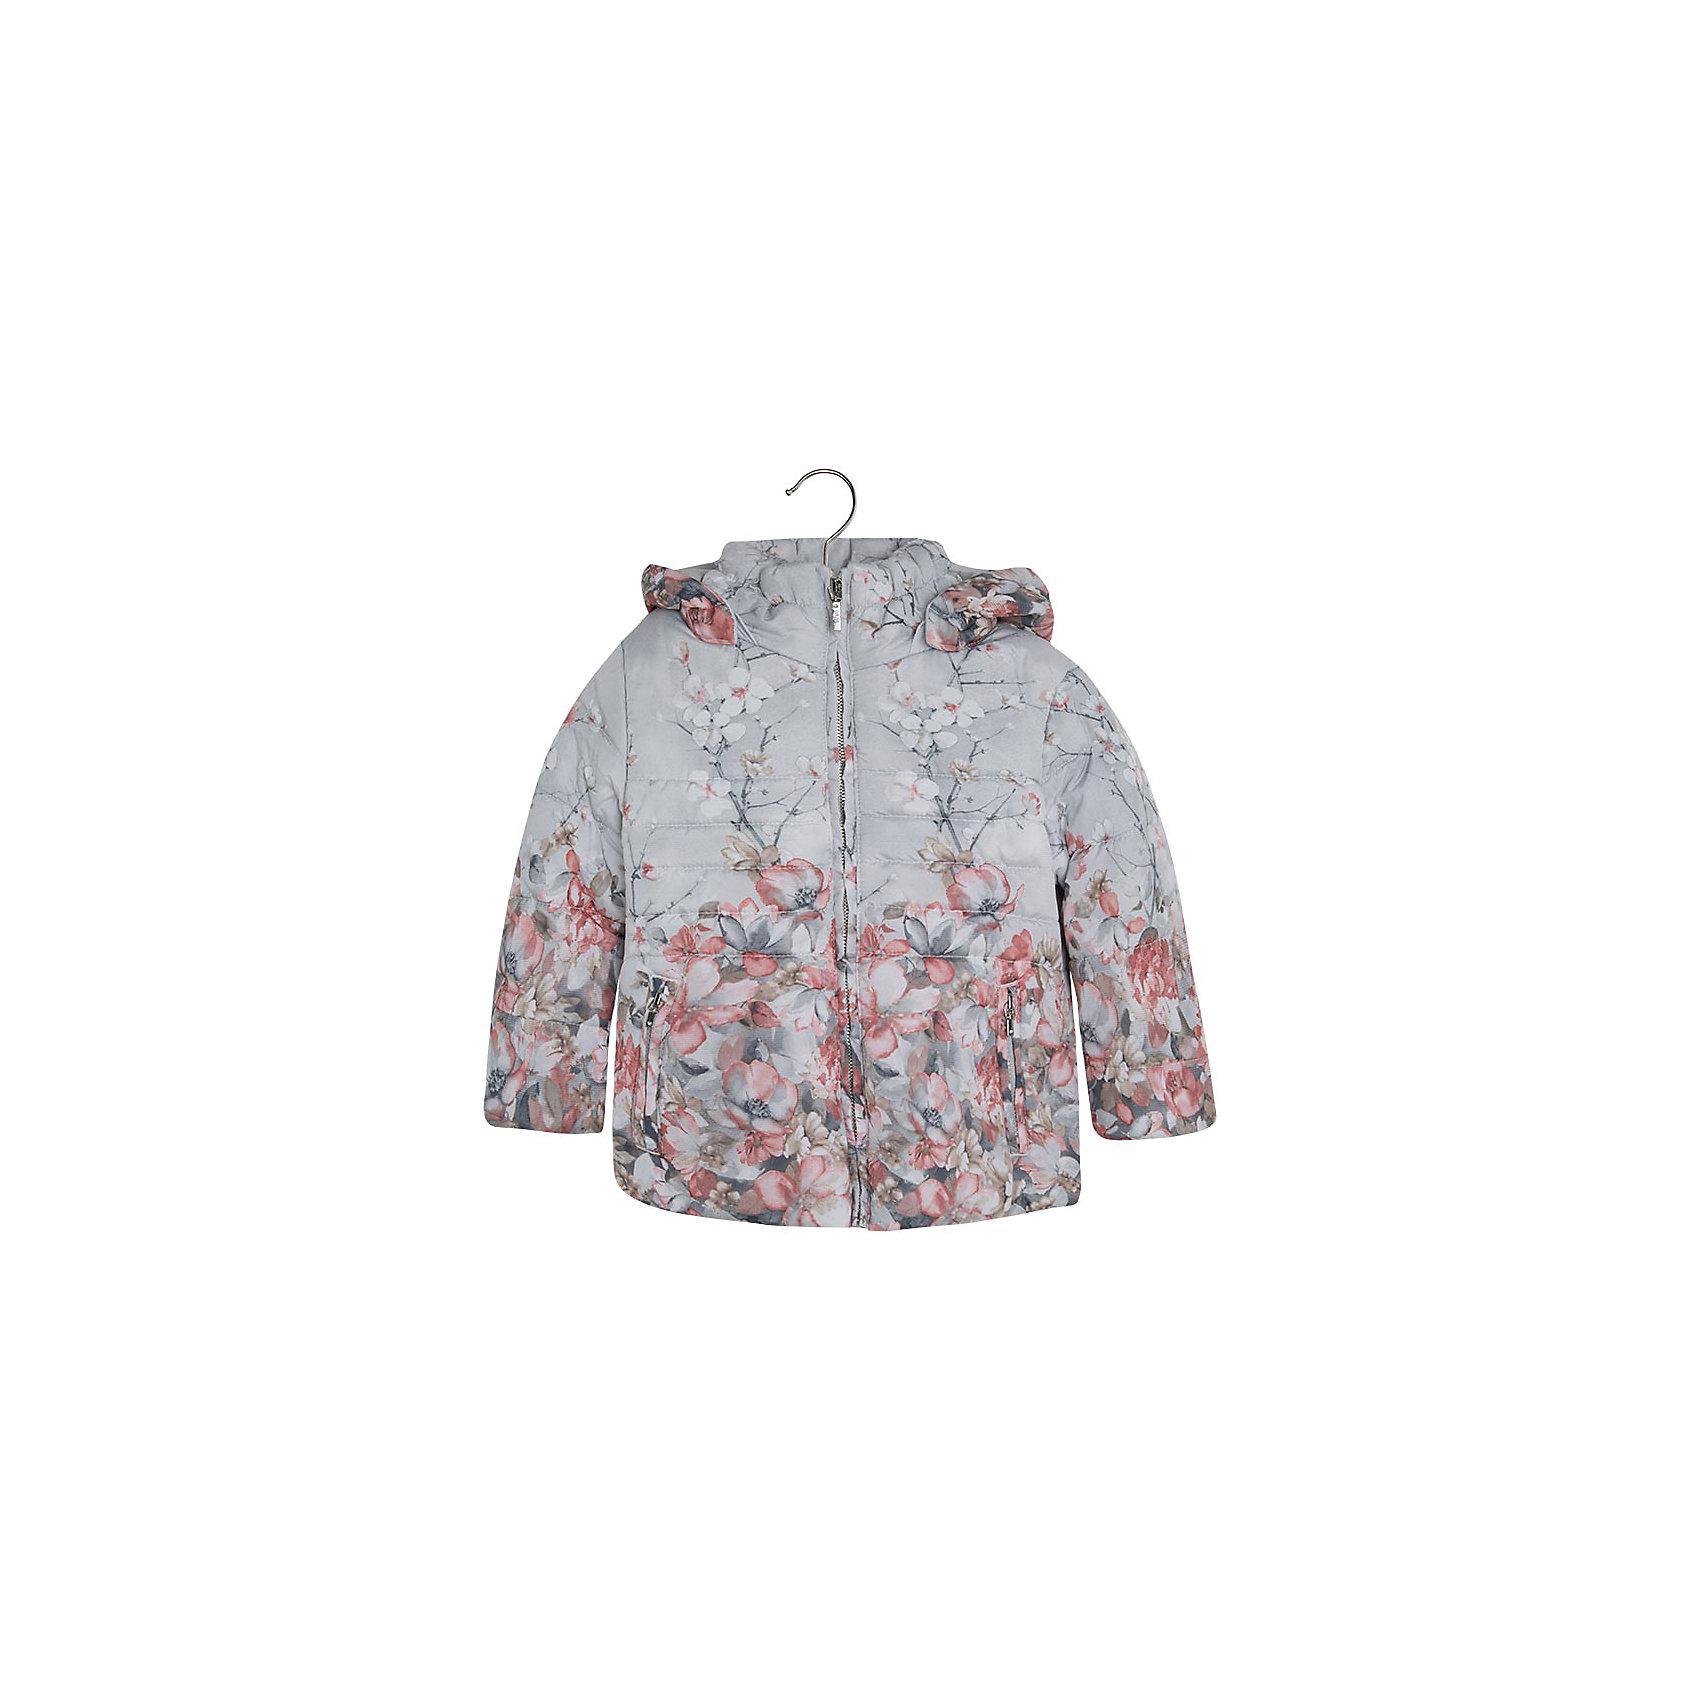 Куртка для девочки MayoralВерхняя одежда<br>Куртка для девочки от популярной испанской марки Mayoral.<br>Модная и теплая куртка от известного испанского бренда Mayoral – отличный вариант универсальной верхней одежды для детей. Она не только согревает в холодную погоду, но и отлично смотрится. Удобный крой и качественный материал обеспечит ребенку комфорт при ношении этой вещи. <br>Модель имеет следующие особенности:<br><br>- цвет: серо-розовый, цветочный принт;<br>- удобные функциональные карманы на молнии;<br>- капюшон;<br>- плащевая ткань;<br>- застежка-молния.<br><br>Состав: 100% полиэстер<br><br>Уход за изделием:<br><br>стирка в машине при температуре до 30°С,<br>не отбеливать.<br><br>Габариты:<br>• длина рукава – 37 см,<br>• длина по спинке – 43 см.<br><br>*Числовые параметры соответствуют росту 98<br><br>Температурный режим:<br><br>от -5° С до +15° С<br><br>Куртку для девочки Mayoral (Майорал) можно купить в нашем магазине.<br><br>Ширина мм: 356<br>Глубина мм: 10<br>Высота мм: 245<br>Вес г: 519<br>Цвет: розовый<br>Возраст от месяцев: 84<br>Возраст до месяцев: 96<br>Пол: Женский<br>Возраст: Детский<br>Размер: 128,110,104,92,134,98,116,122<br>SKU: 4191848